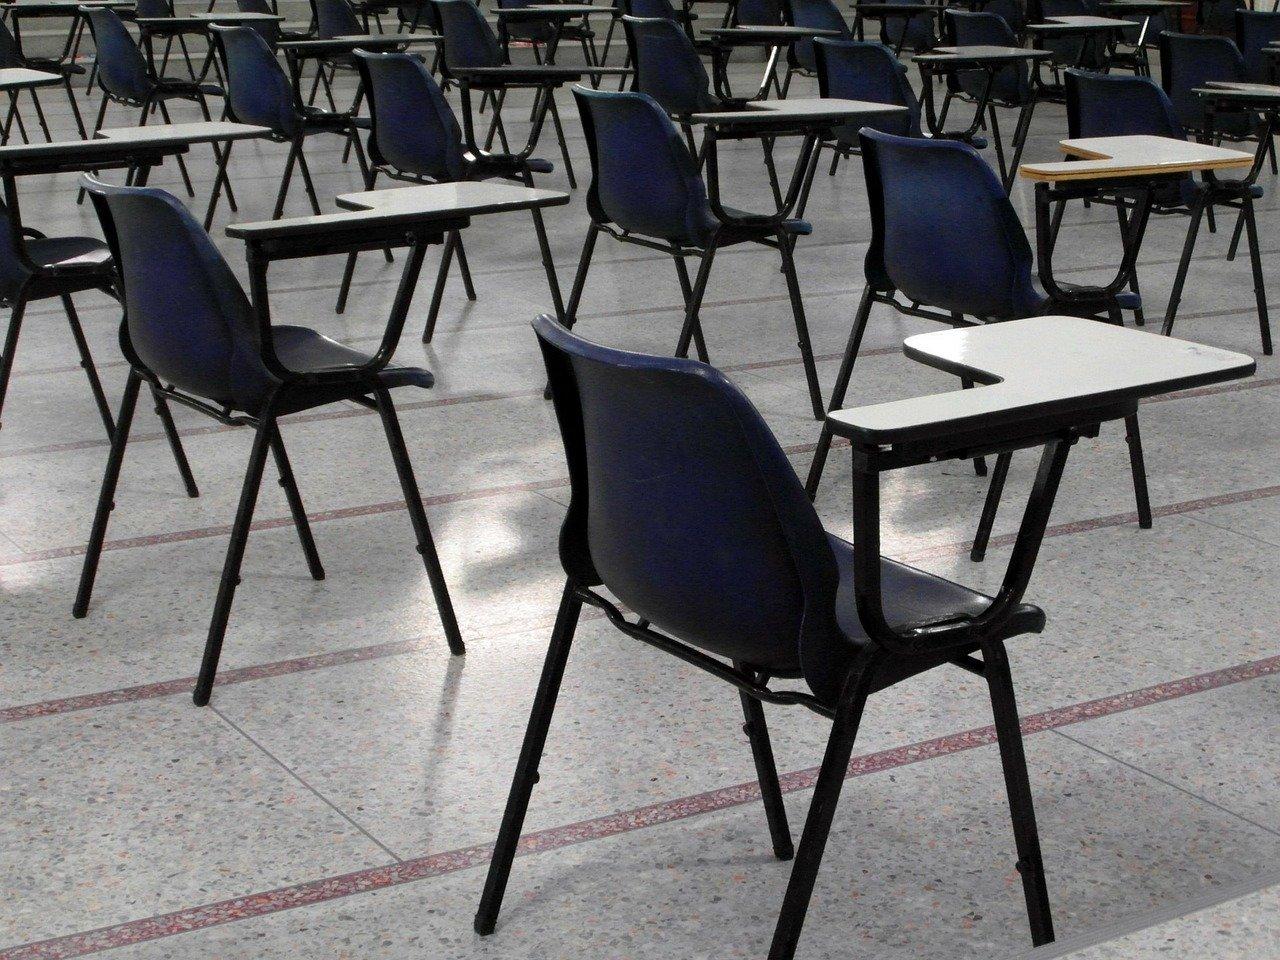 Cadeiras vazias em sala de aula